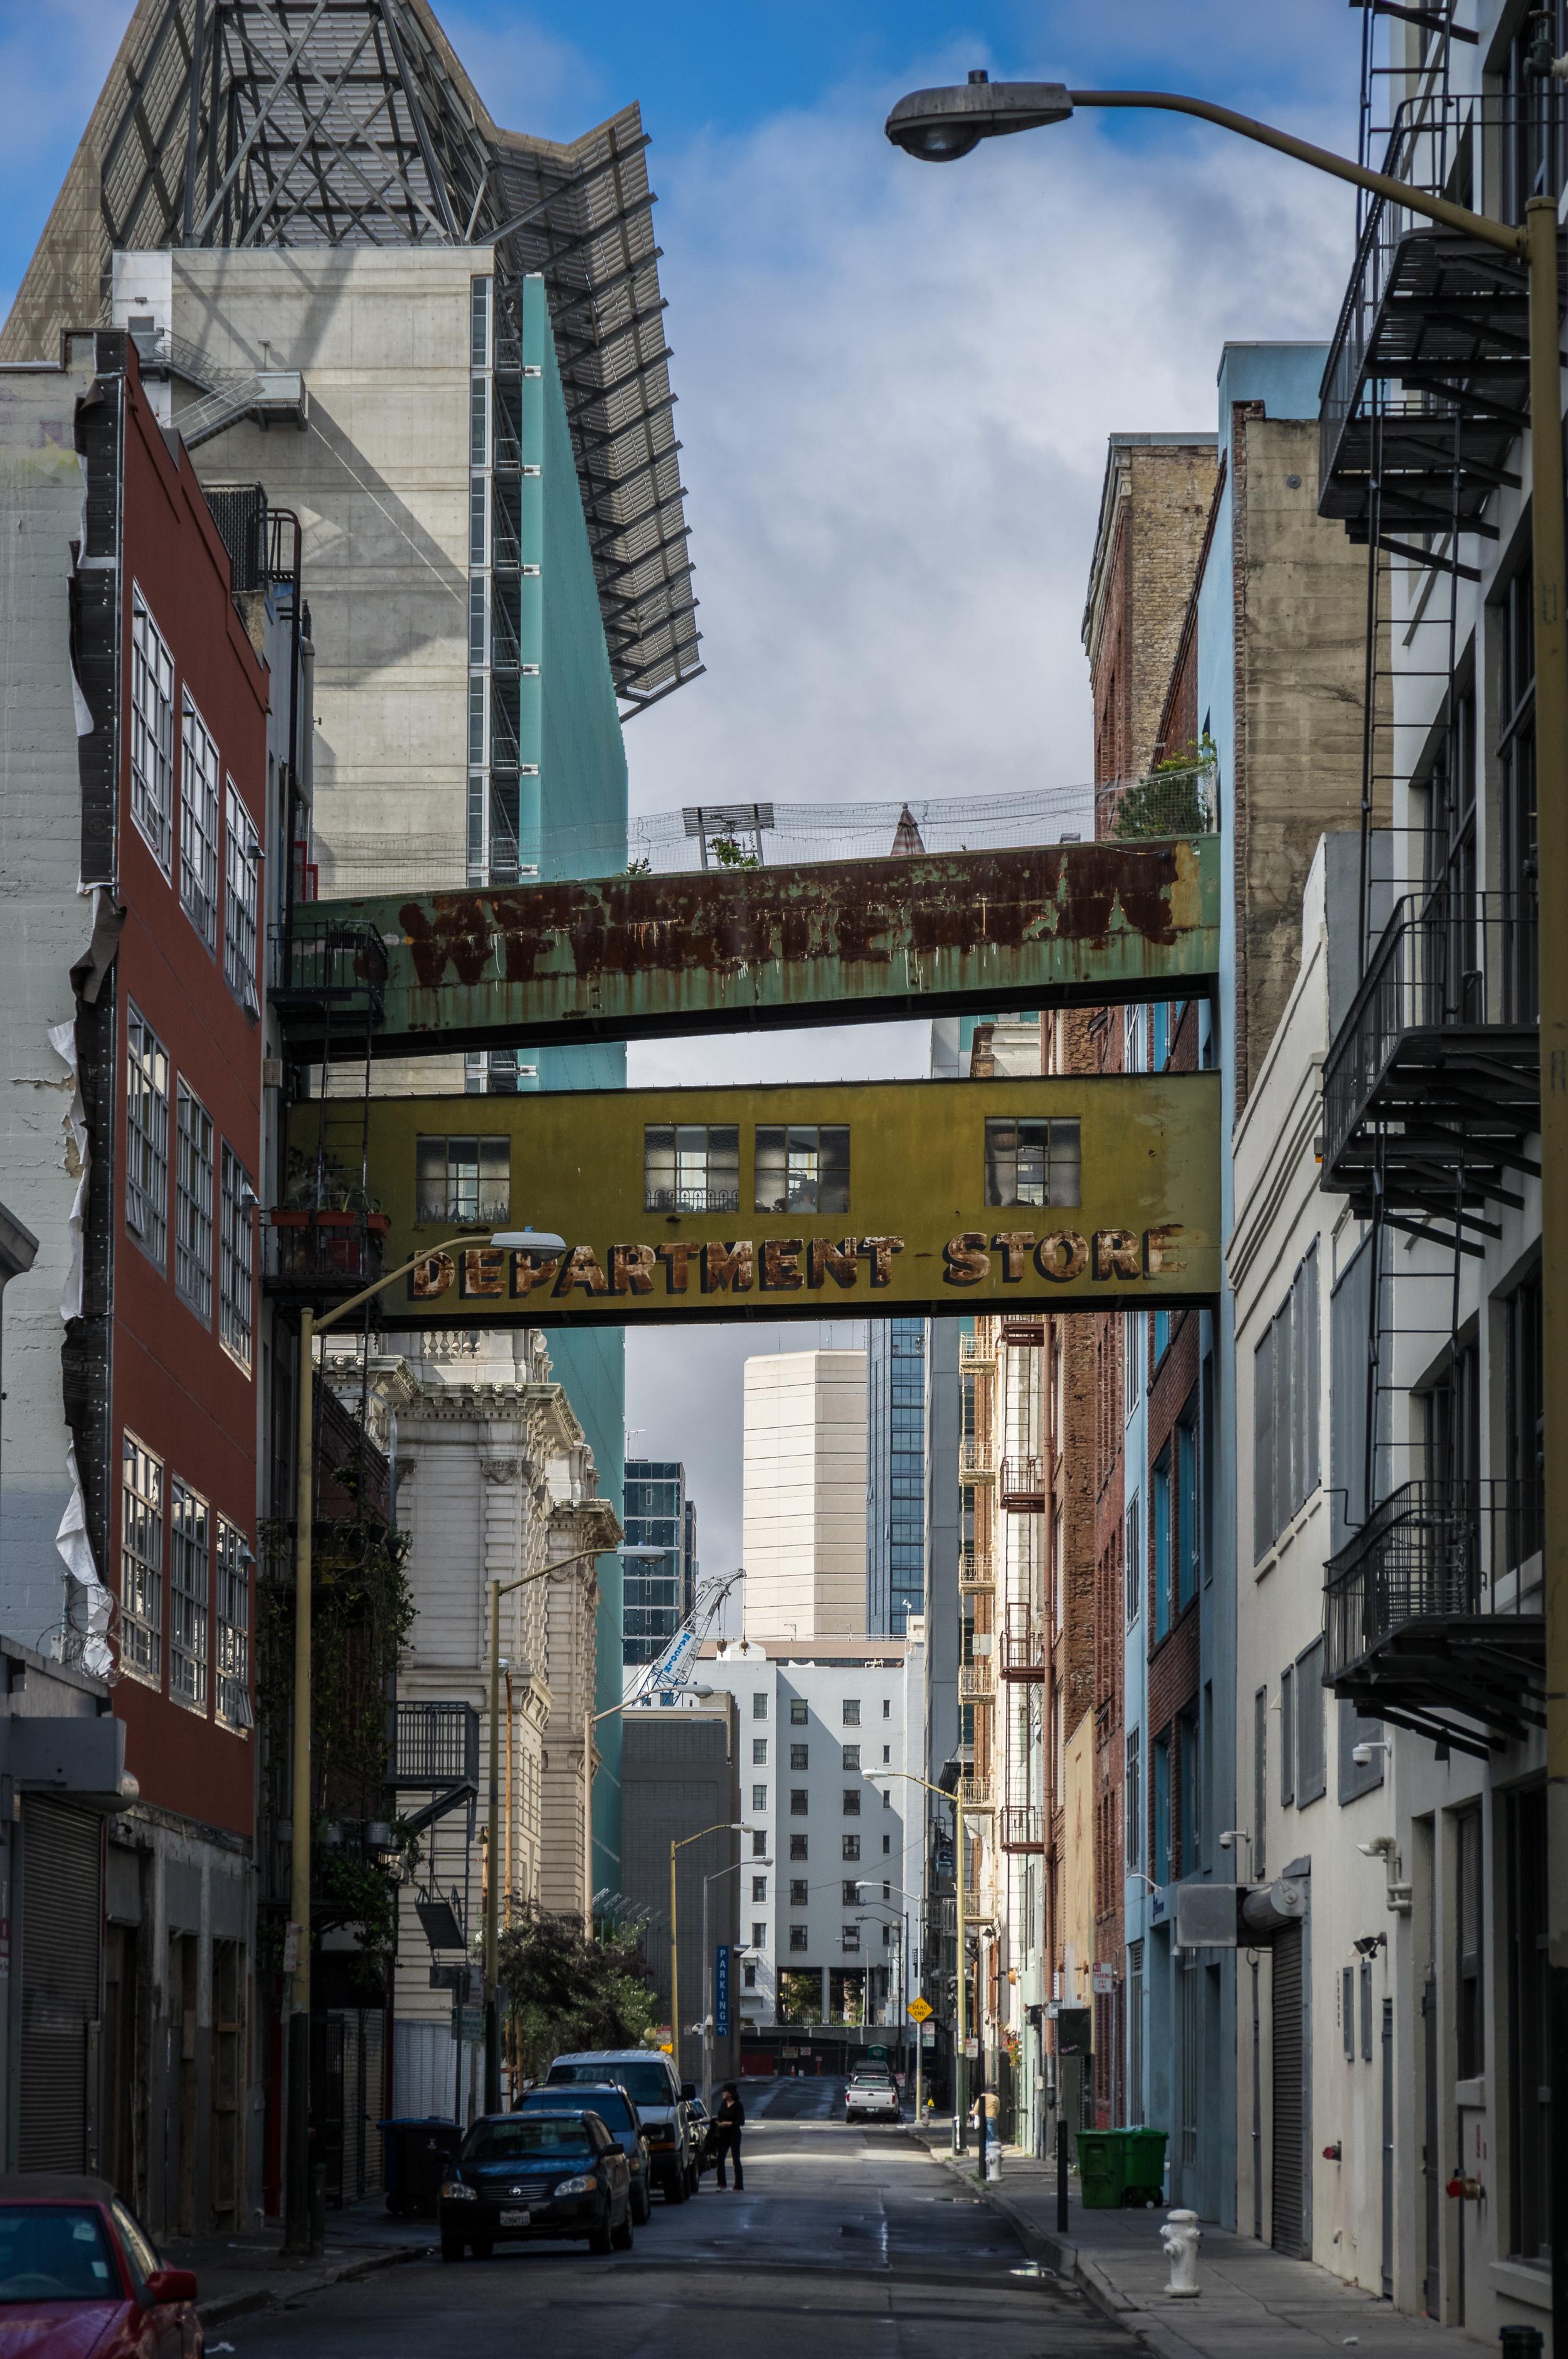 Seitenstraße in San Francisco